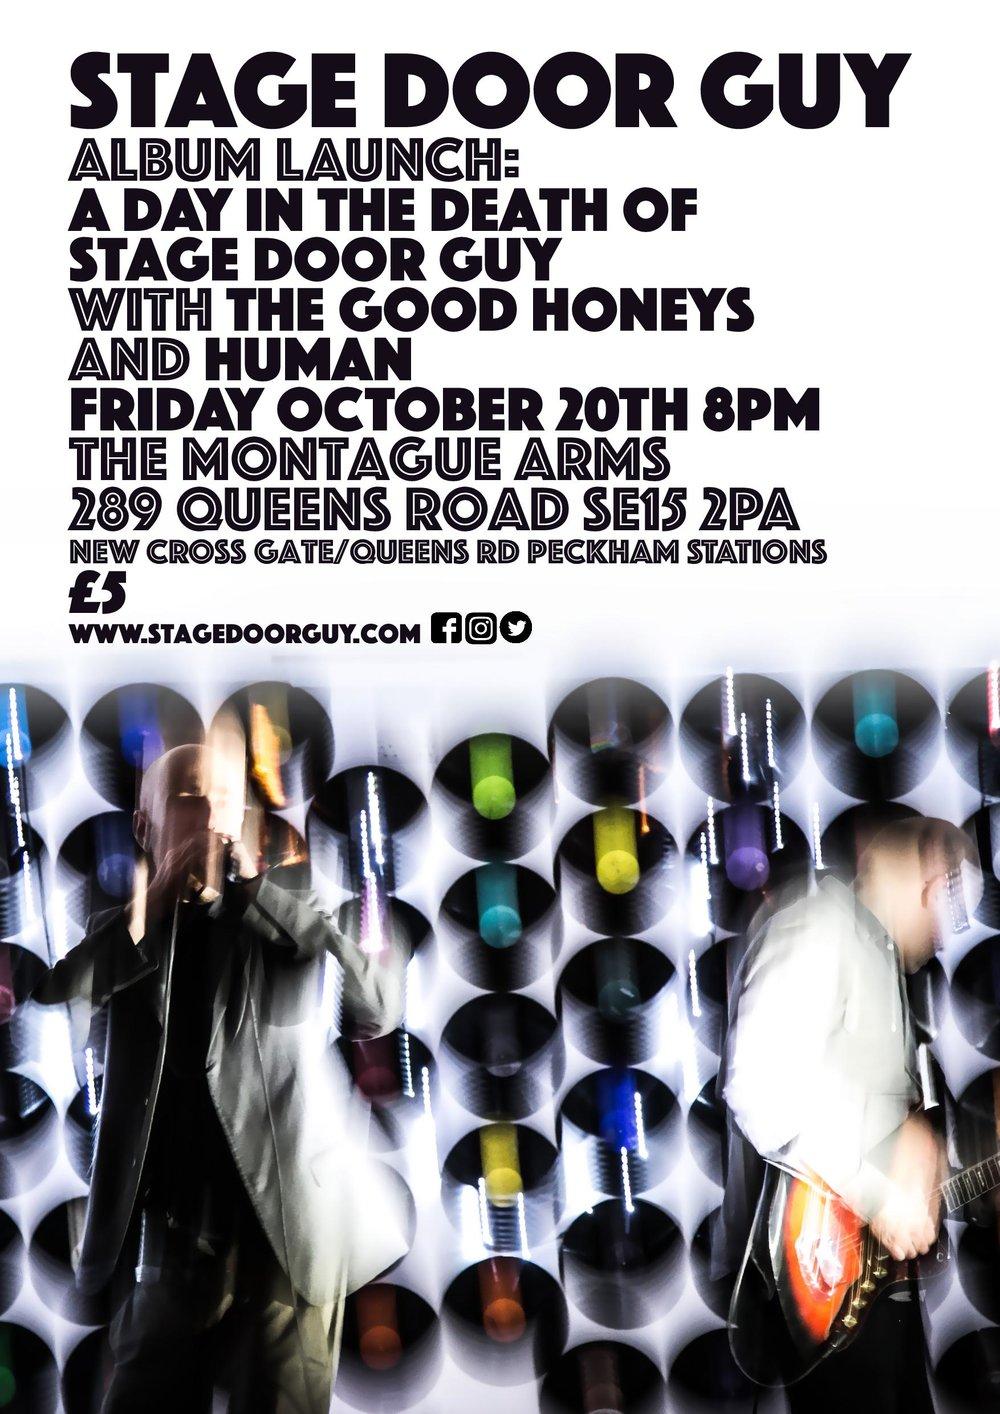 stage door guy launch pdf.jpg